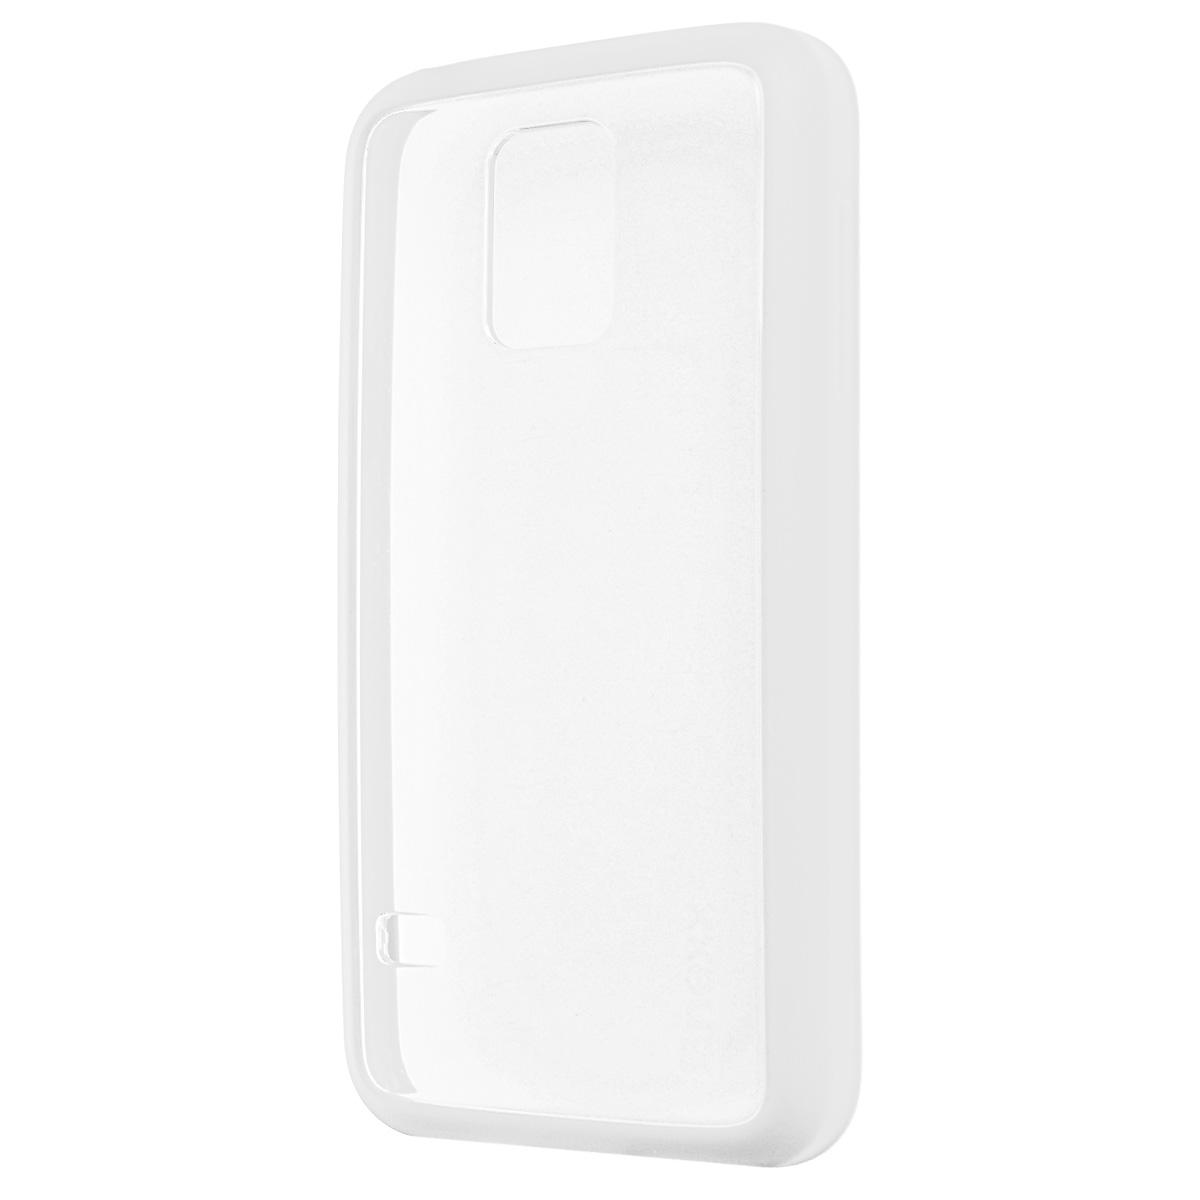 Nexx Zero чехол для Samsung Galaxy S5, WhiteNX-MB-ZR-202WТонкий прозрачный чехол Nexx Zero для Samsung Galaxy S5. Дизайн разработан специально для тех, кто стремится сохранить индивидуальность своего смартфона и обеспечить ему достойную защиту. Тонкий, почти невесомый чехол станет неотъемлемой частью вашего телефона, а насыщенные цвета сделают ваш образ по-летнему ярким.